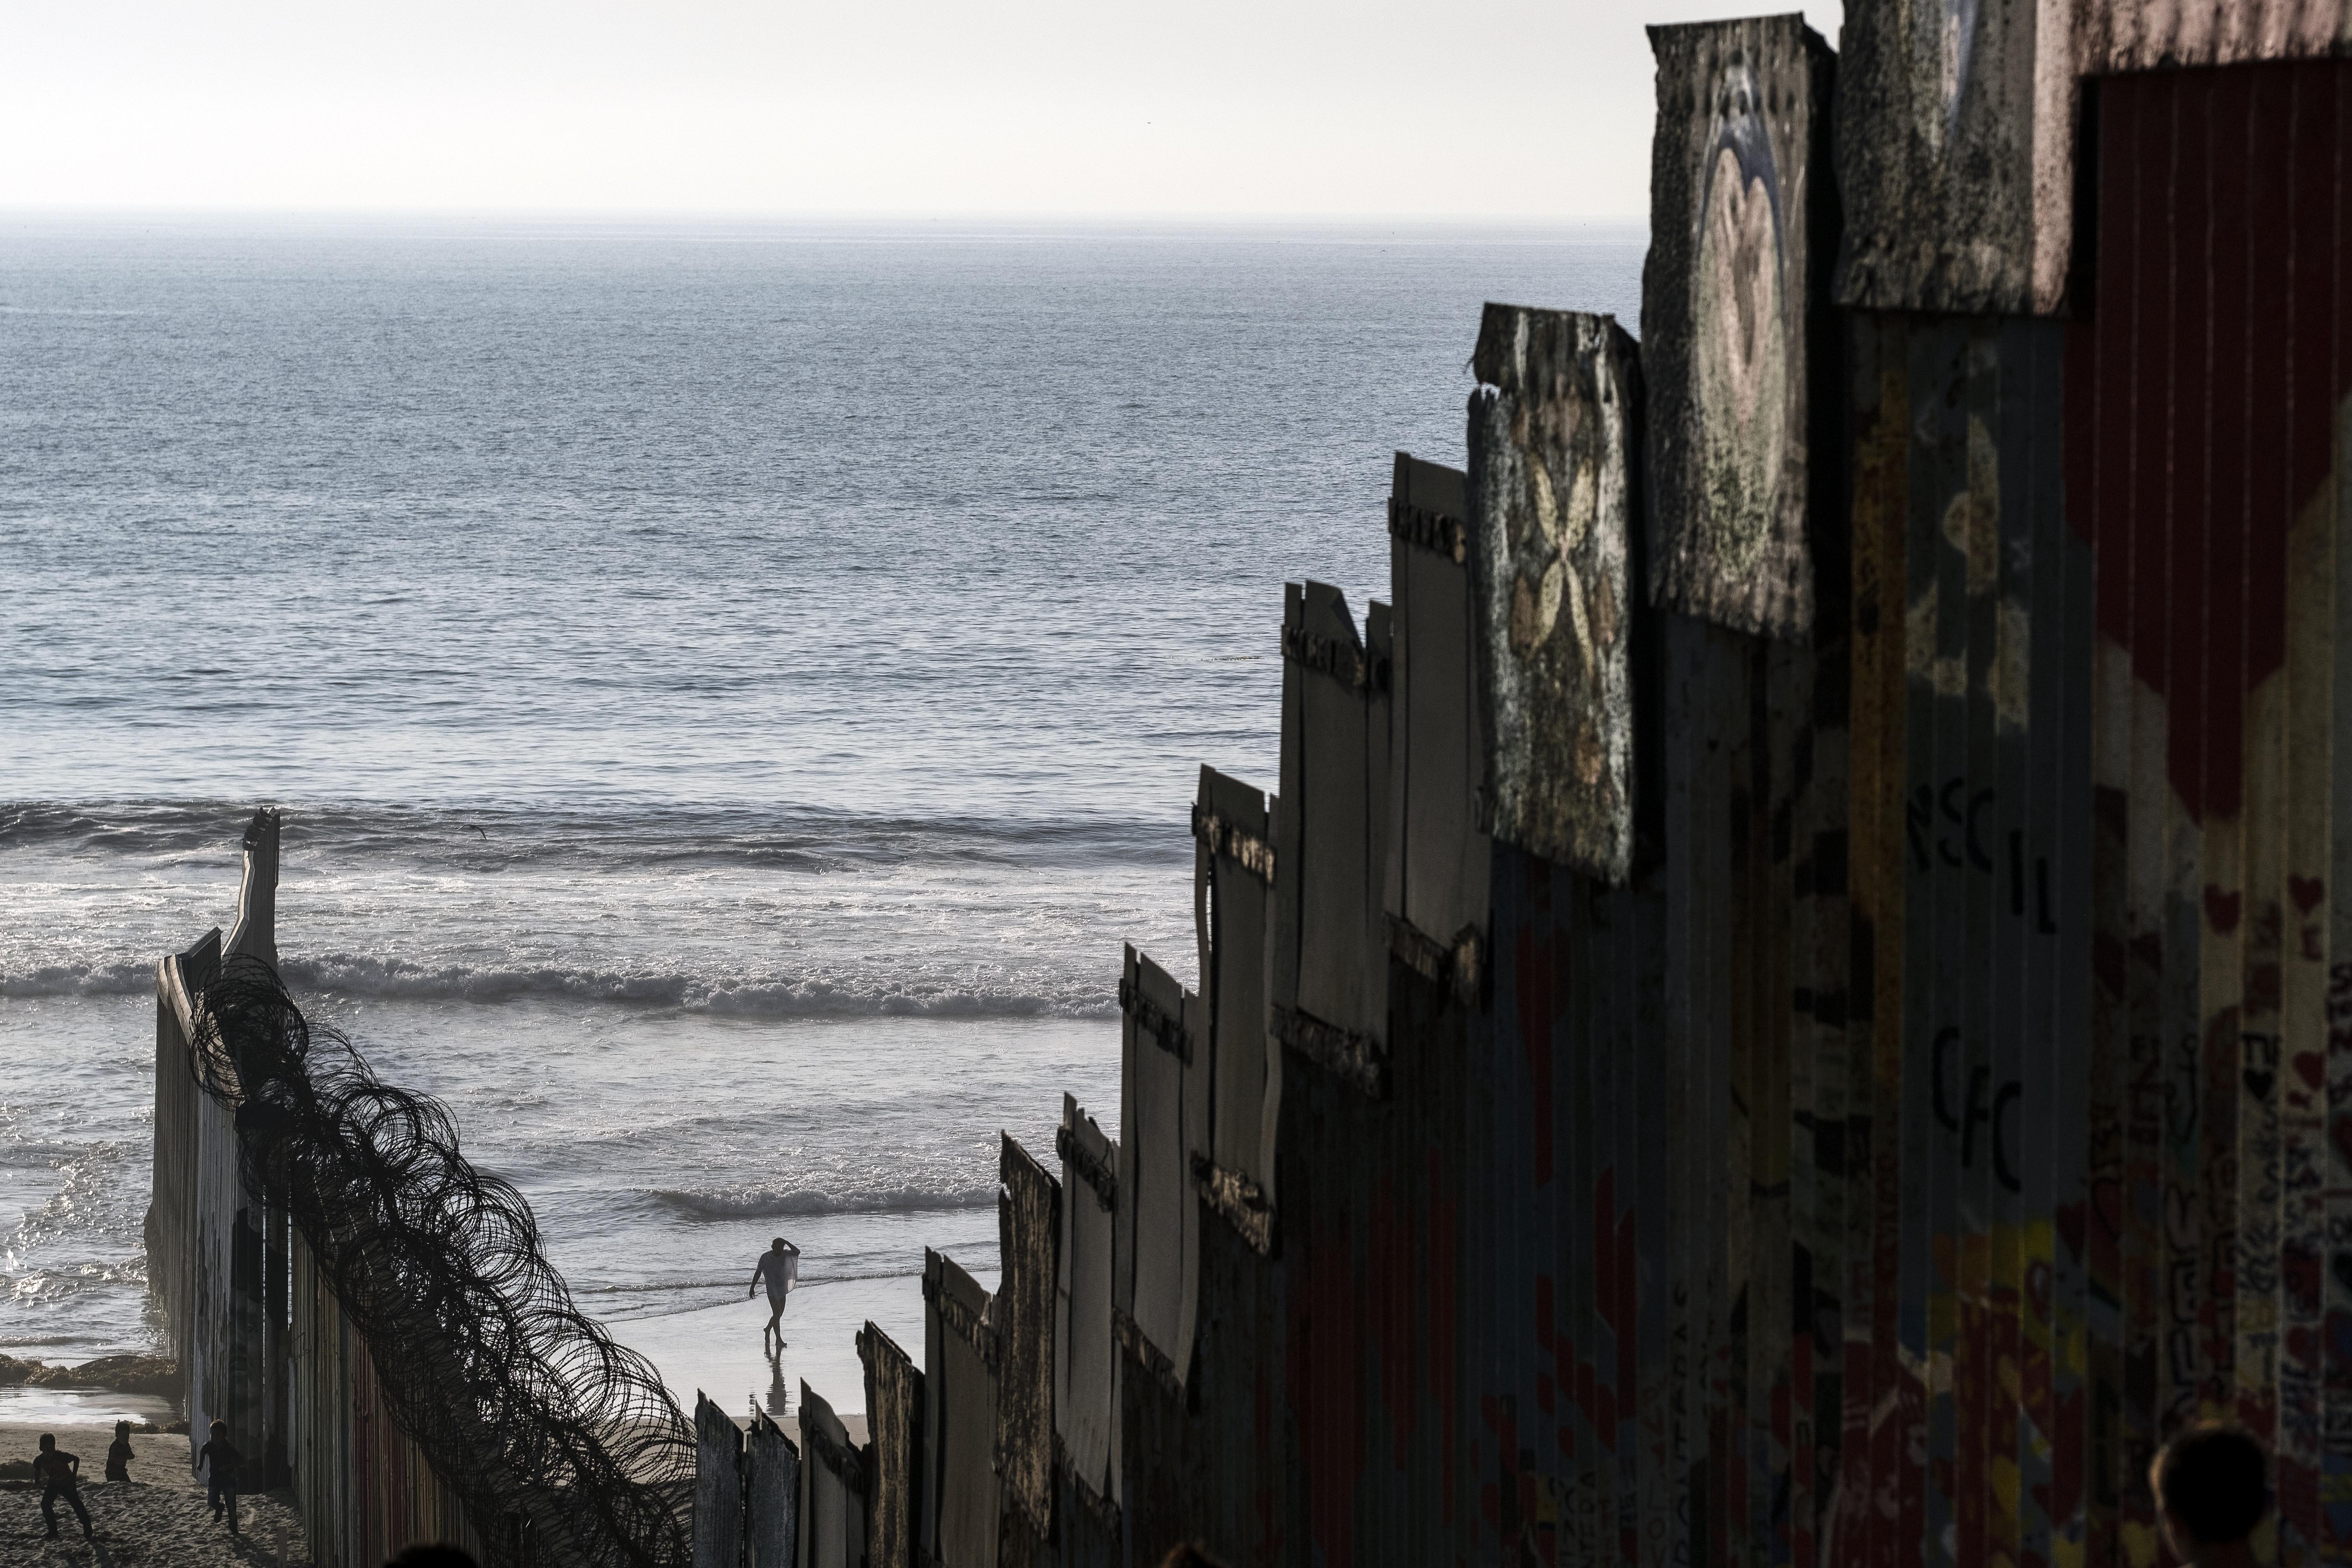 Un migrante camina en la playa (D) después de nadar a través de la valla fronteriza entre Estados Unidos y México antes de rendirse a la patrulla fronteriza, visto desde Playas de Tijuana, estado de Baja California, México, el 3 de octubre de 2020, en medio del COVID-19. pandemia de coronavirus.